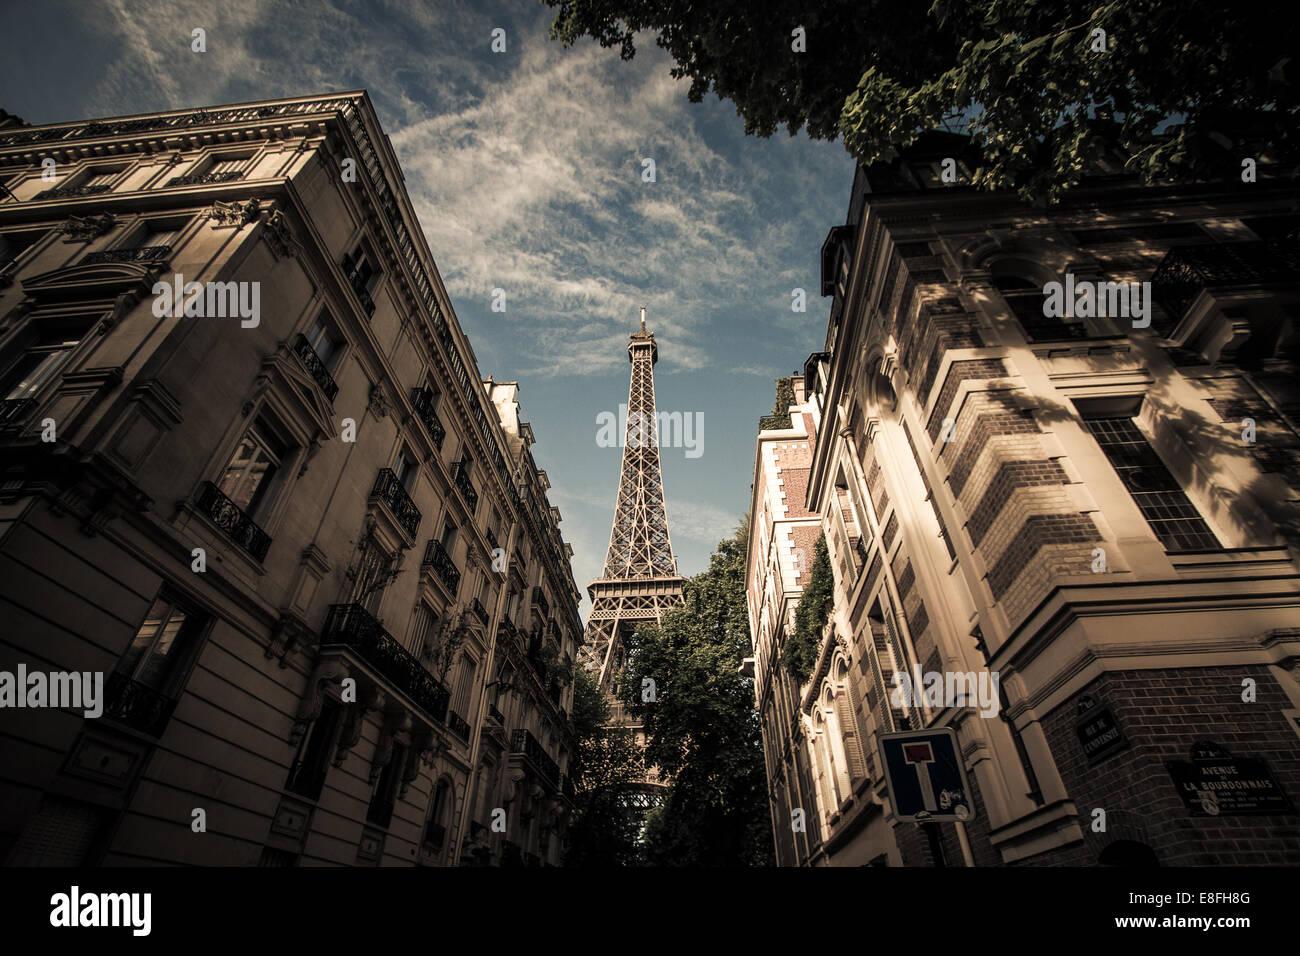 Francia, Paris, Torre Eiffel, visto desde la calle Imagen De Stock